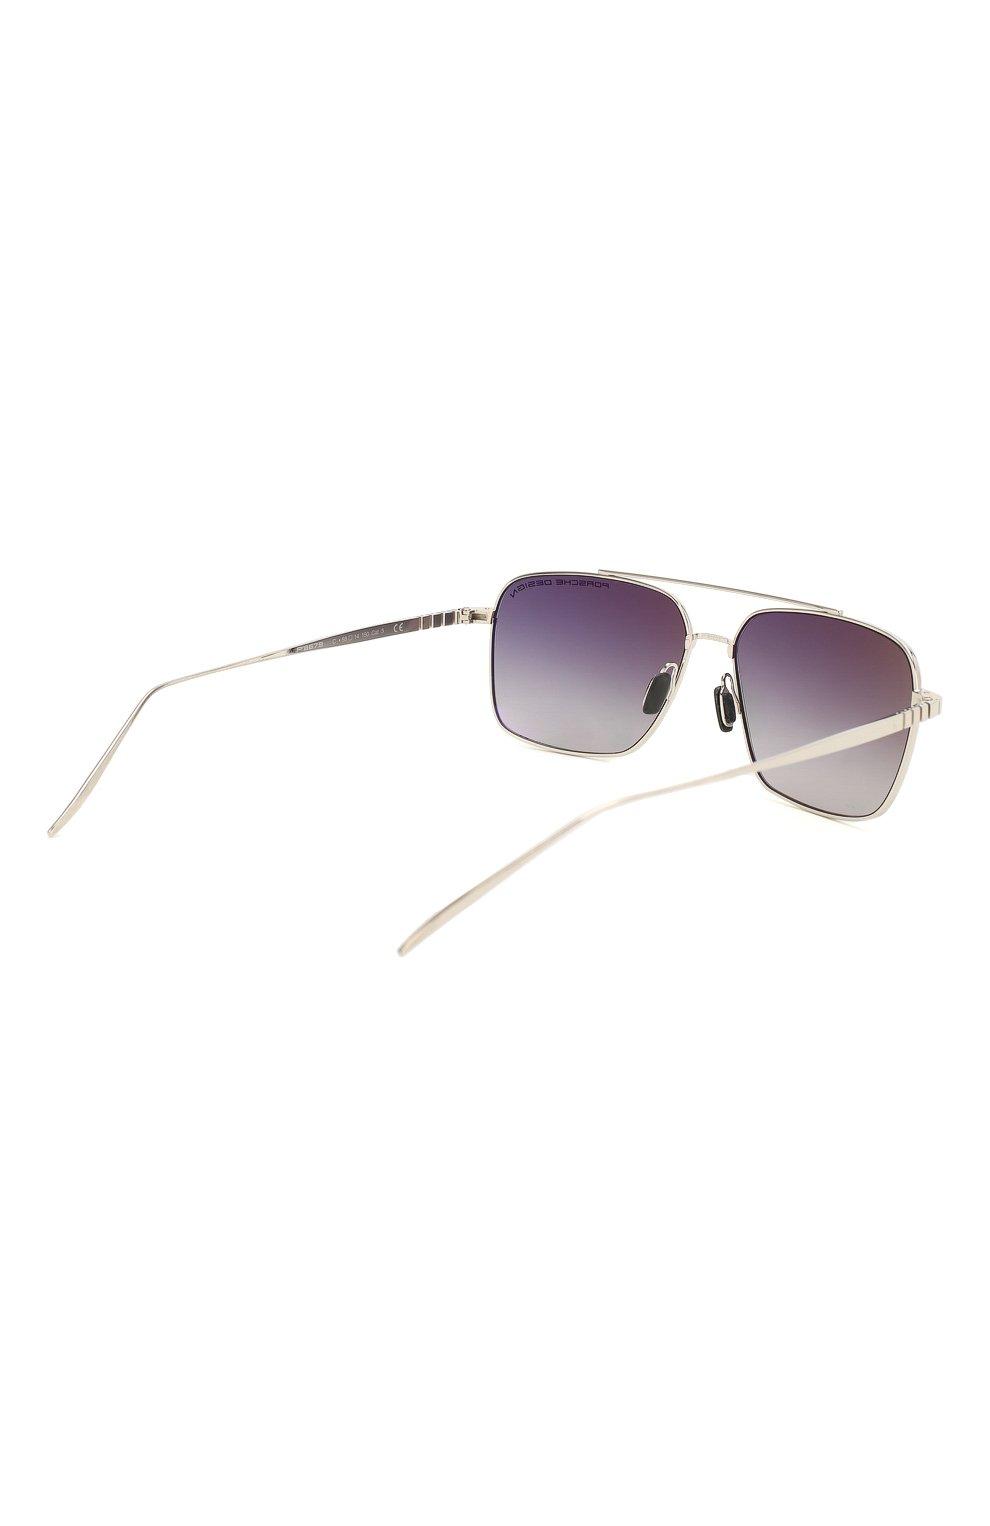 Мужские солнцезащитные очки PORSCHE DESIGN серебряного цвета, арт. 8679-C | Фото 4